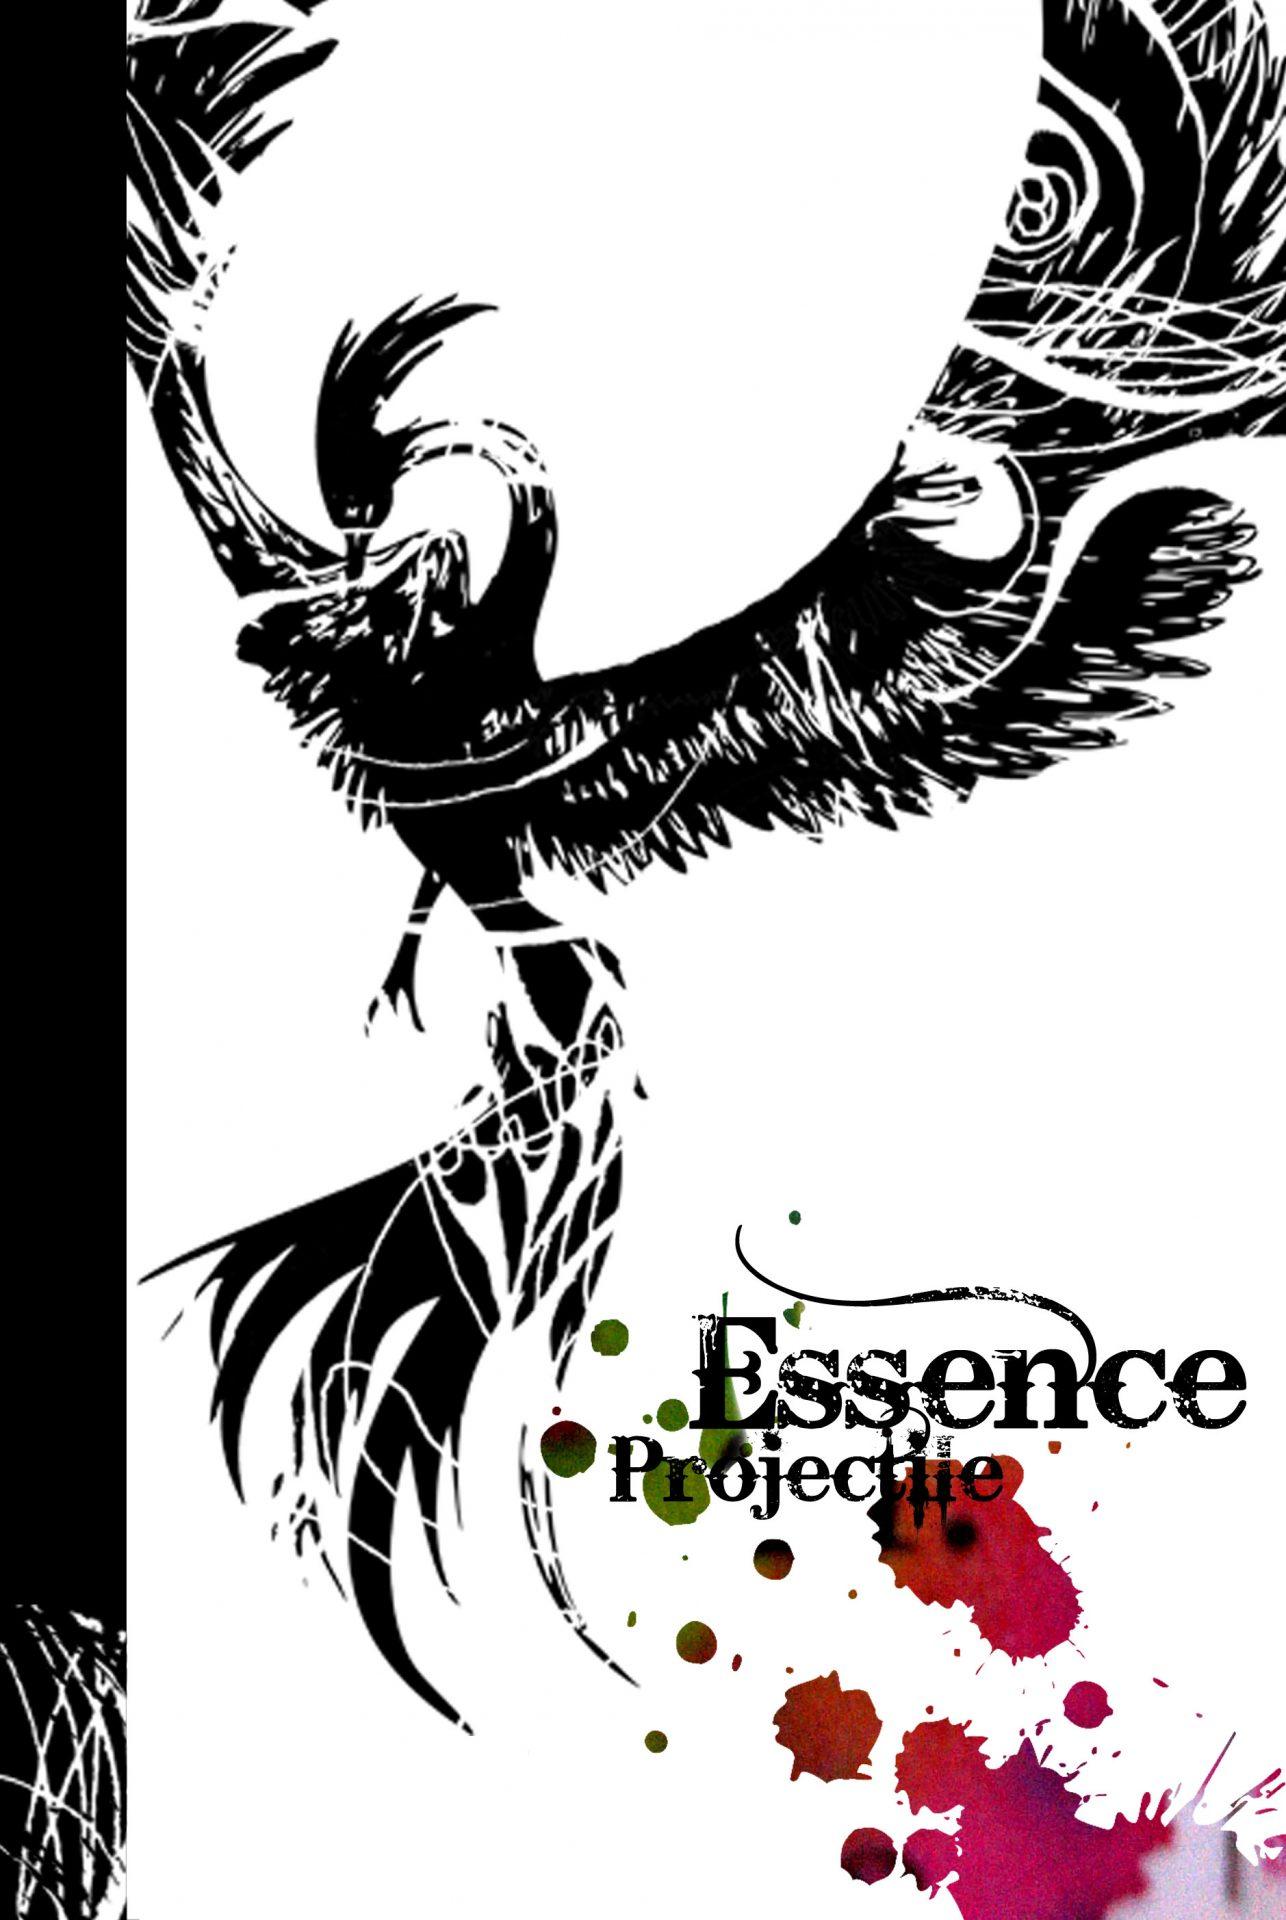 Essence_Projectile_bird1